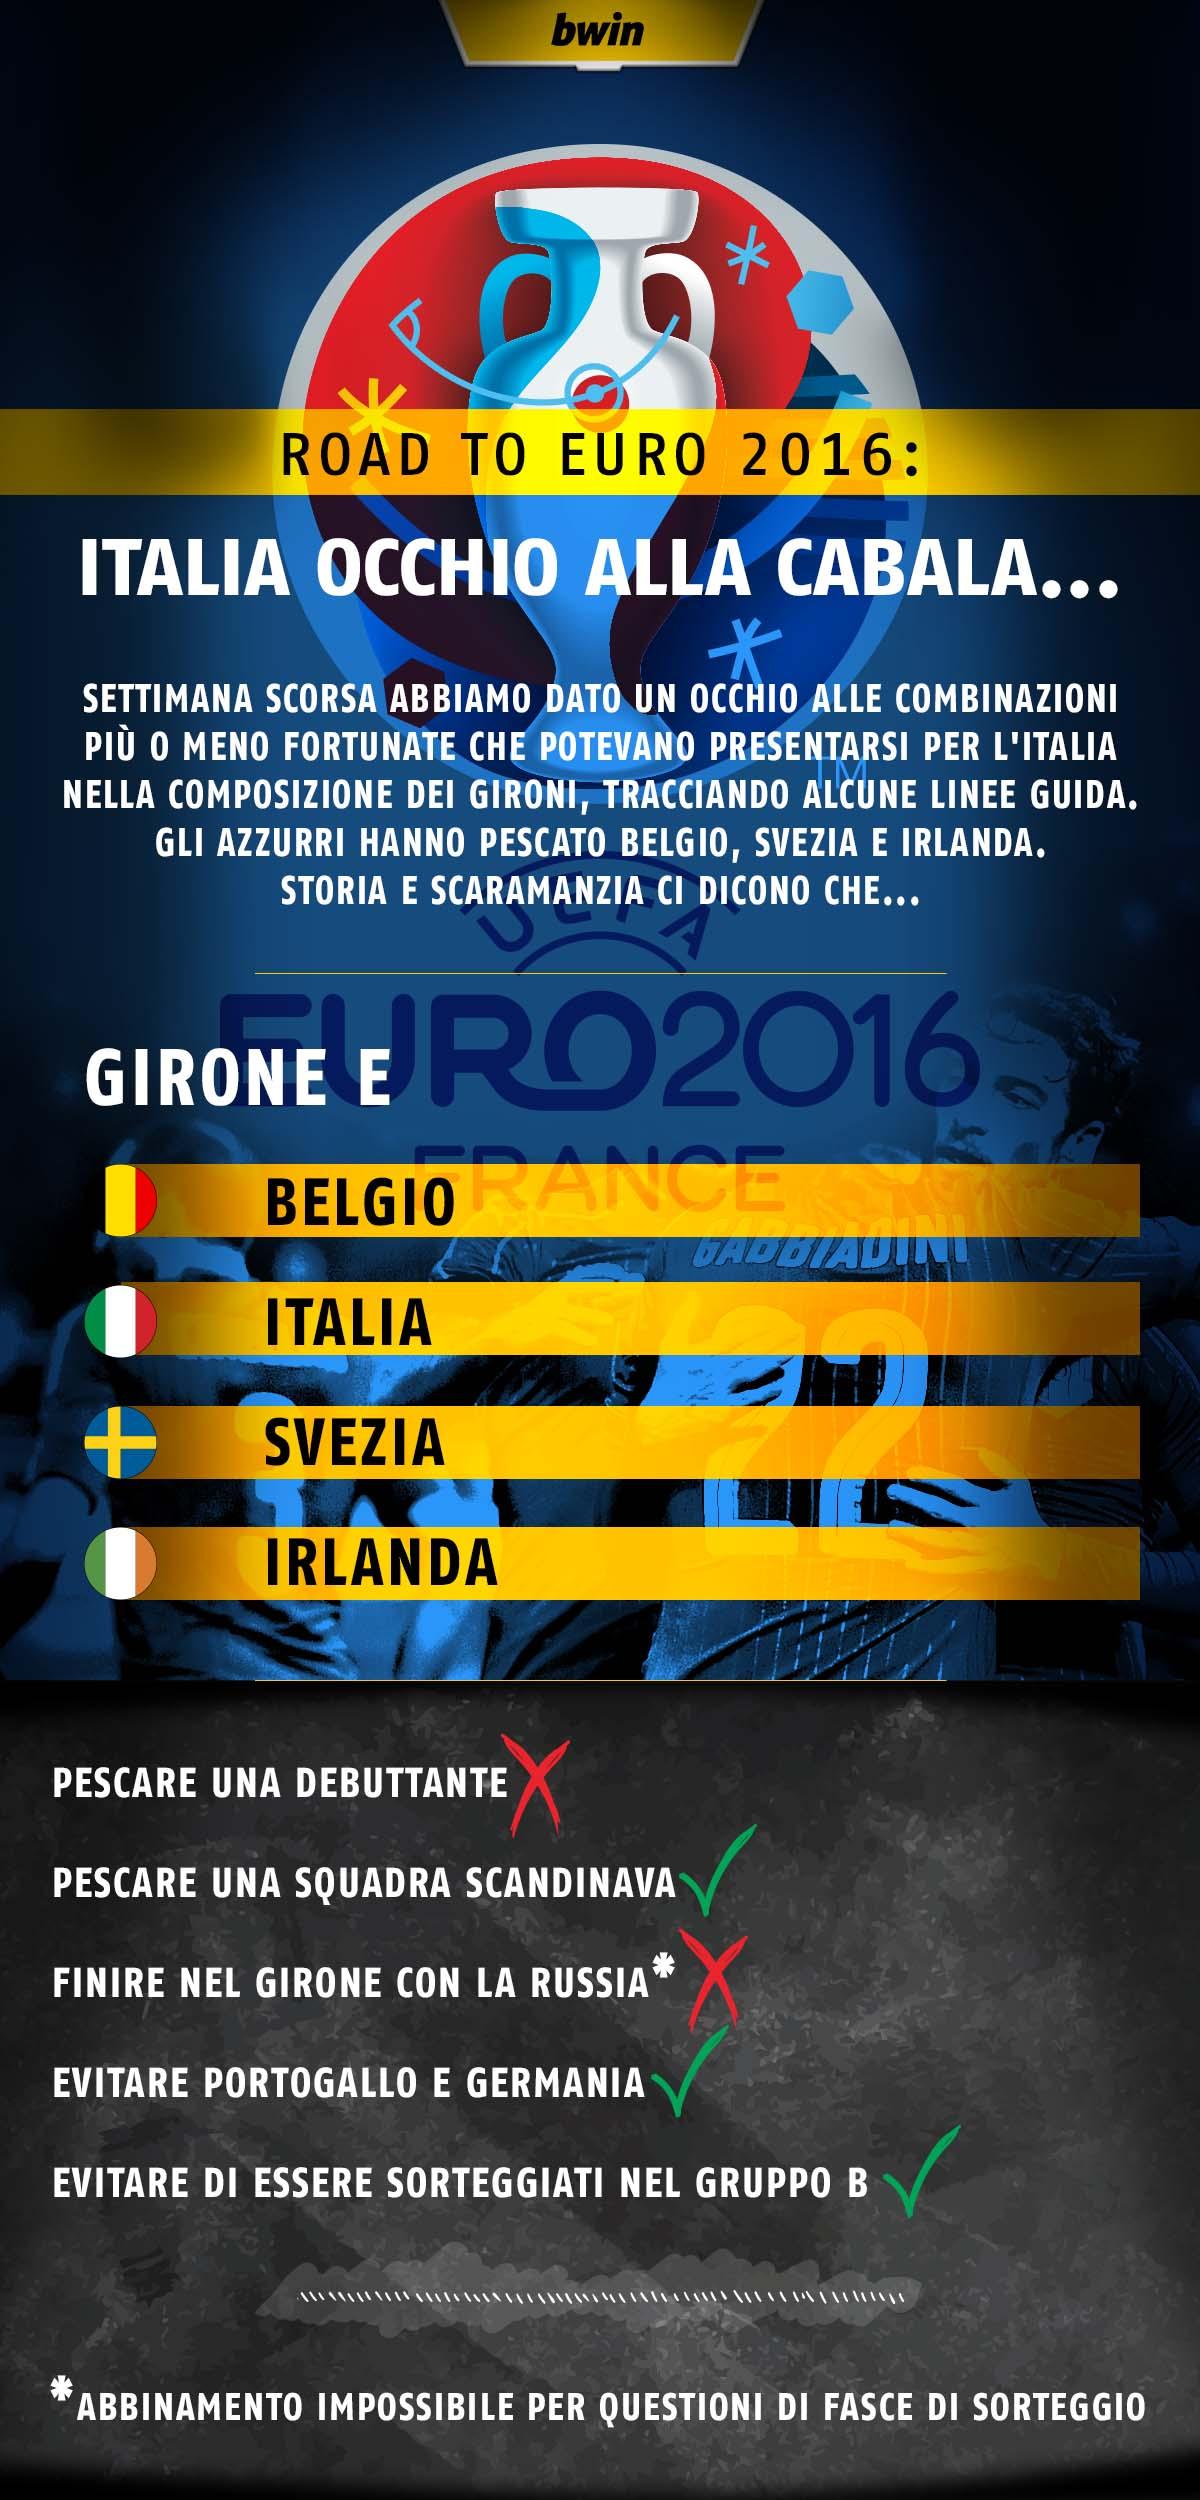 Italia occhio alla cabala